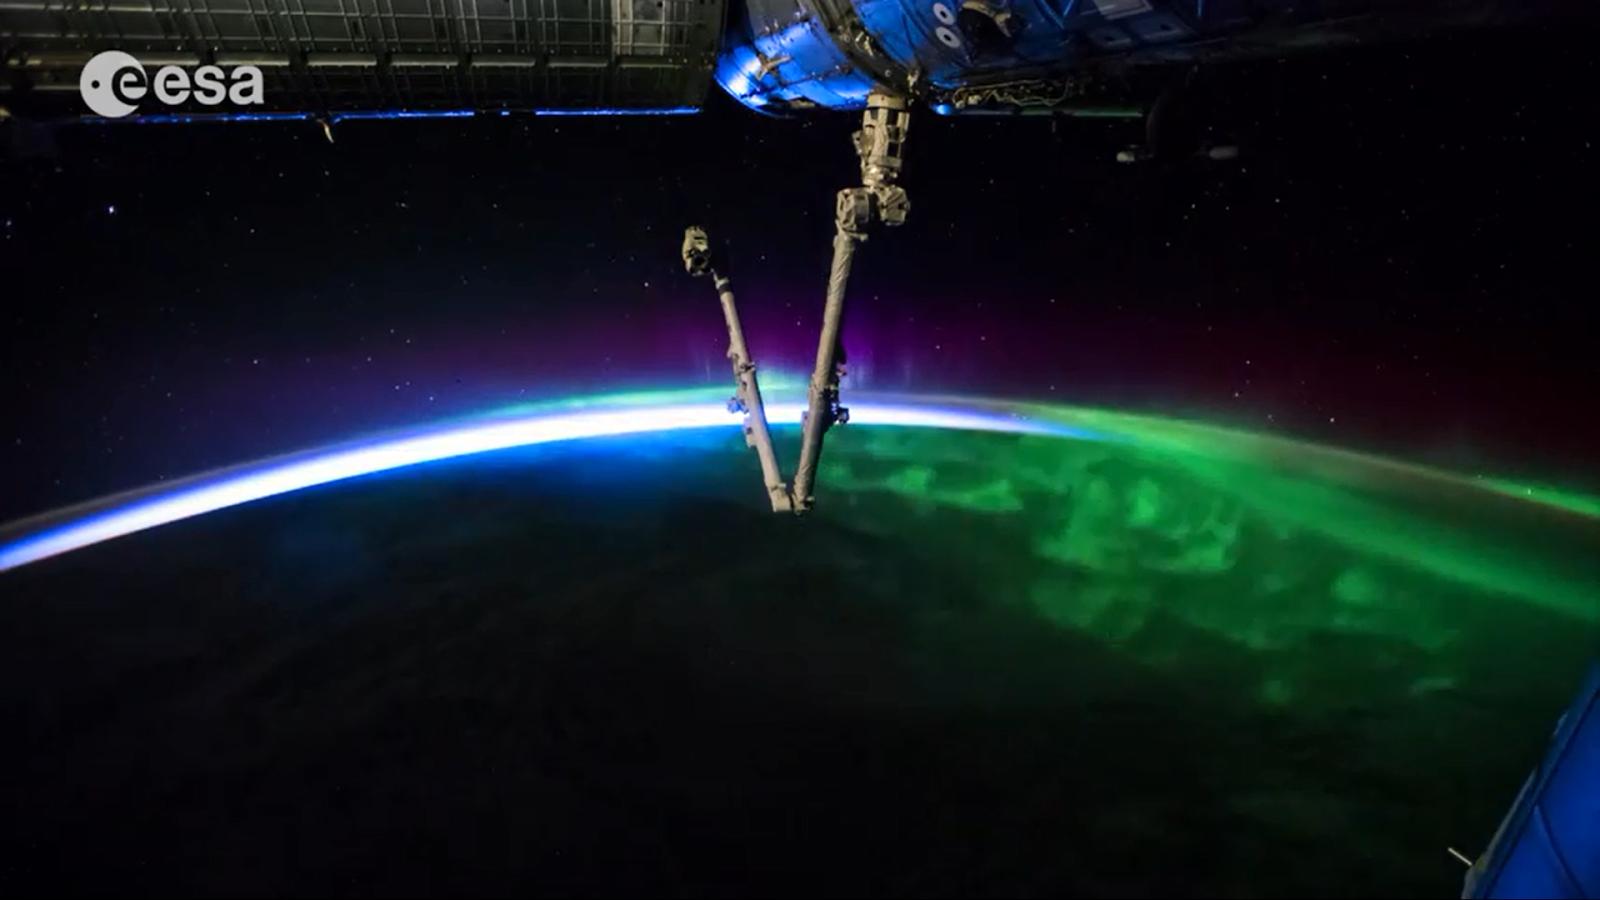 Il nostro bellissimo pianeta in questo eccezionale video in 4K ripreso dalla Stazione Spaziale Internazionale